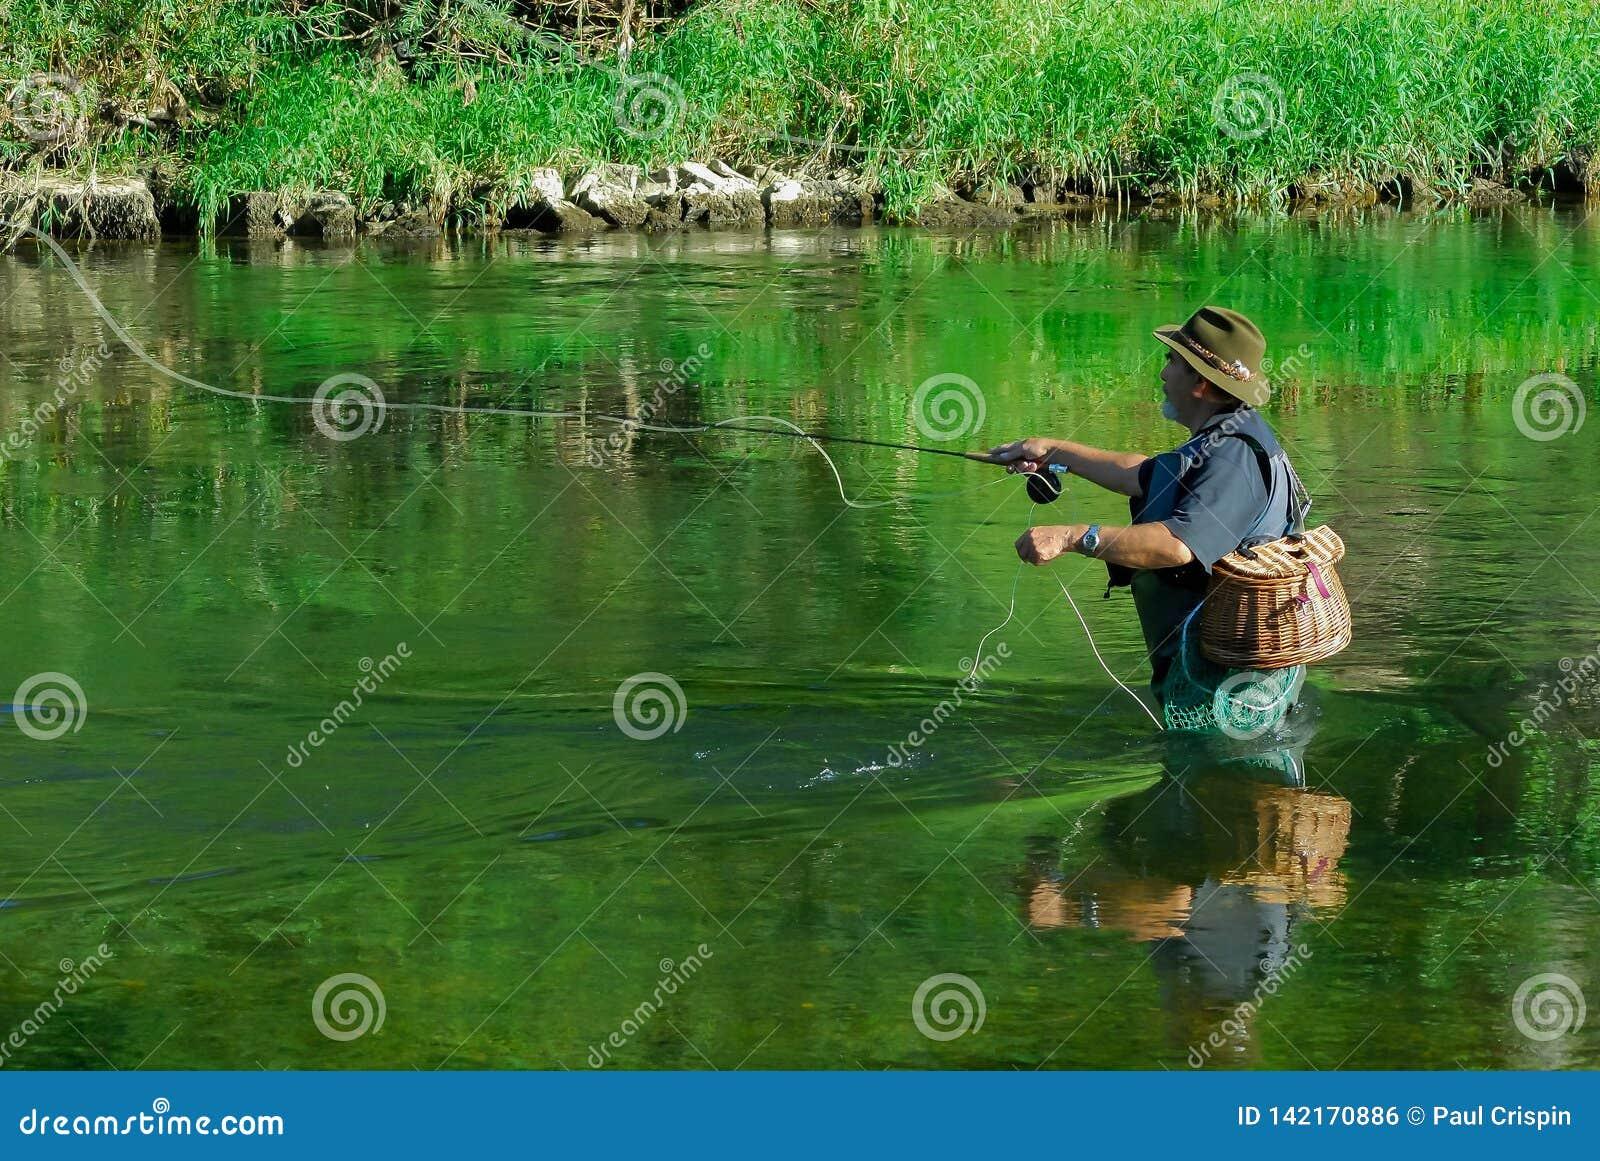 Pêcheur de mouche en rivière après truite